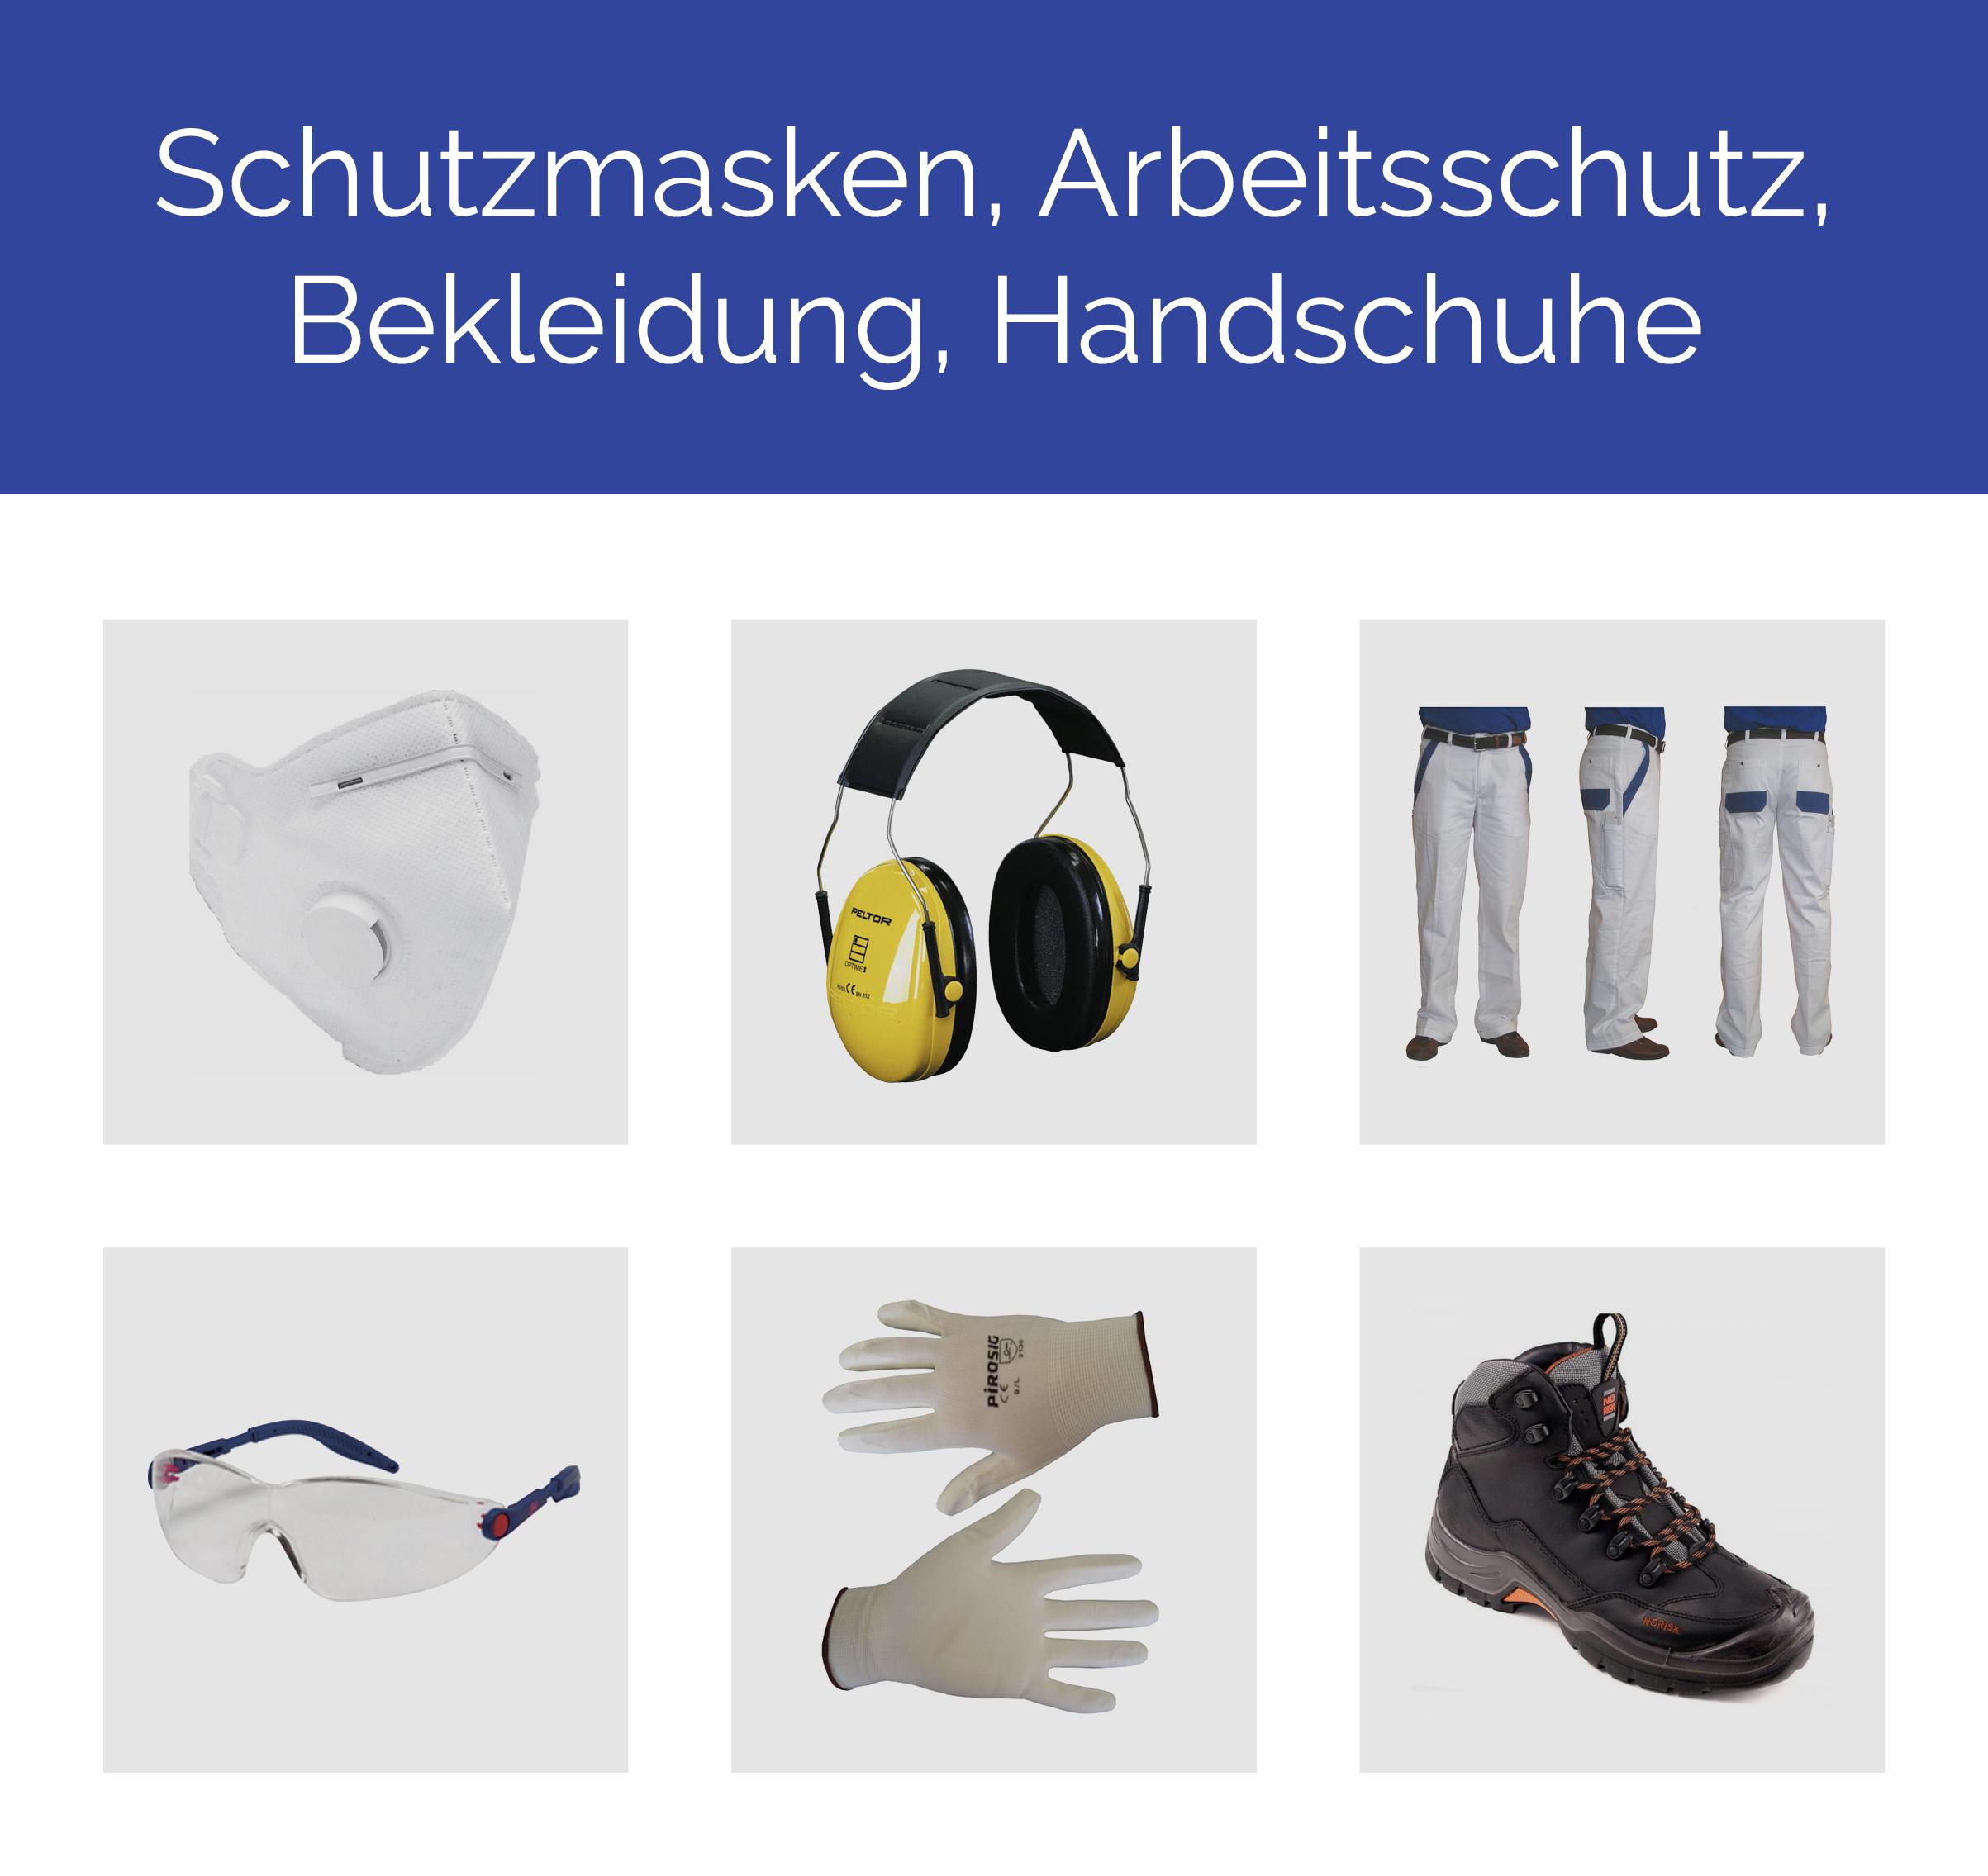 Schutzmasken, Arbeitsschutz, Bekleidung, Handschuhe